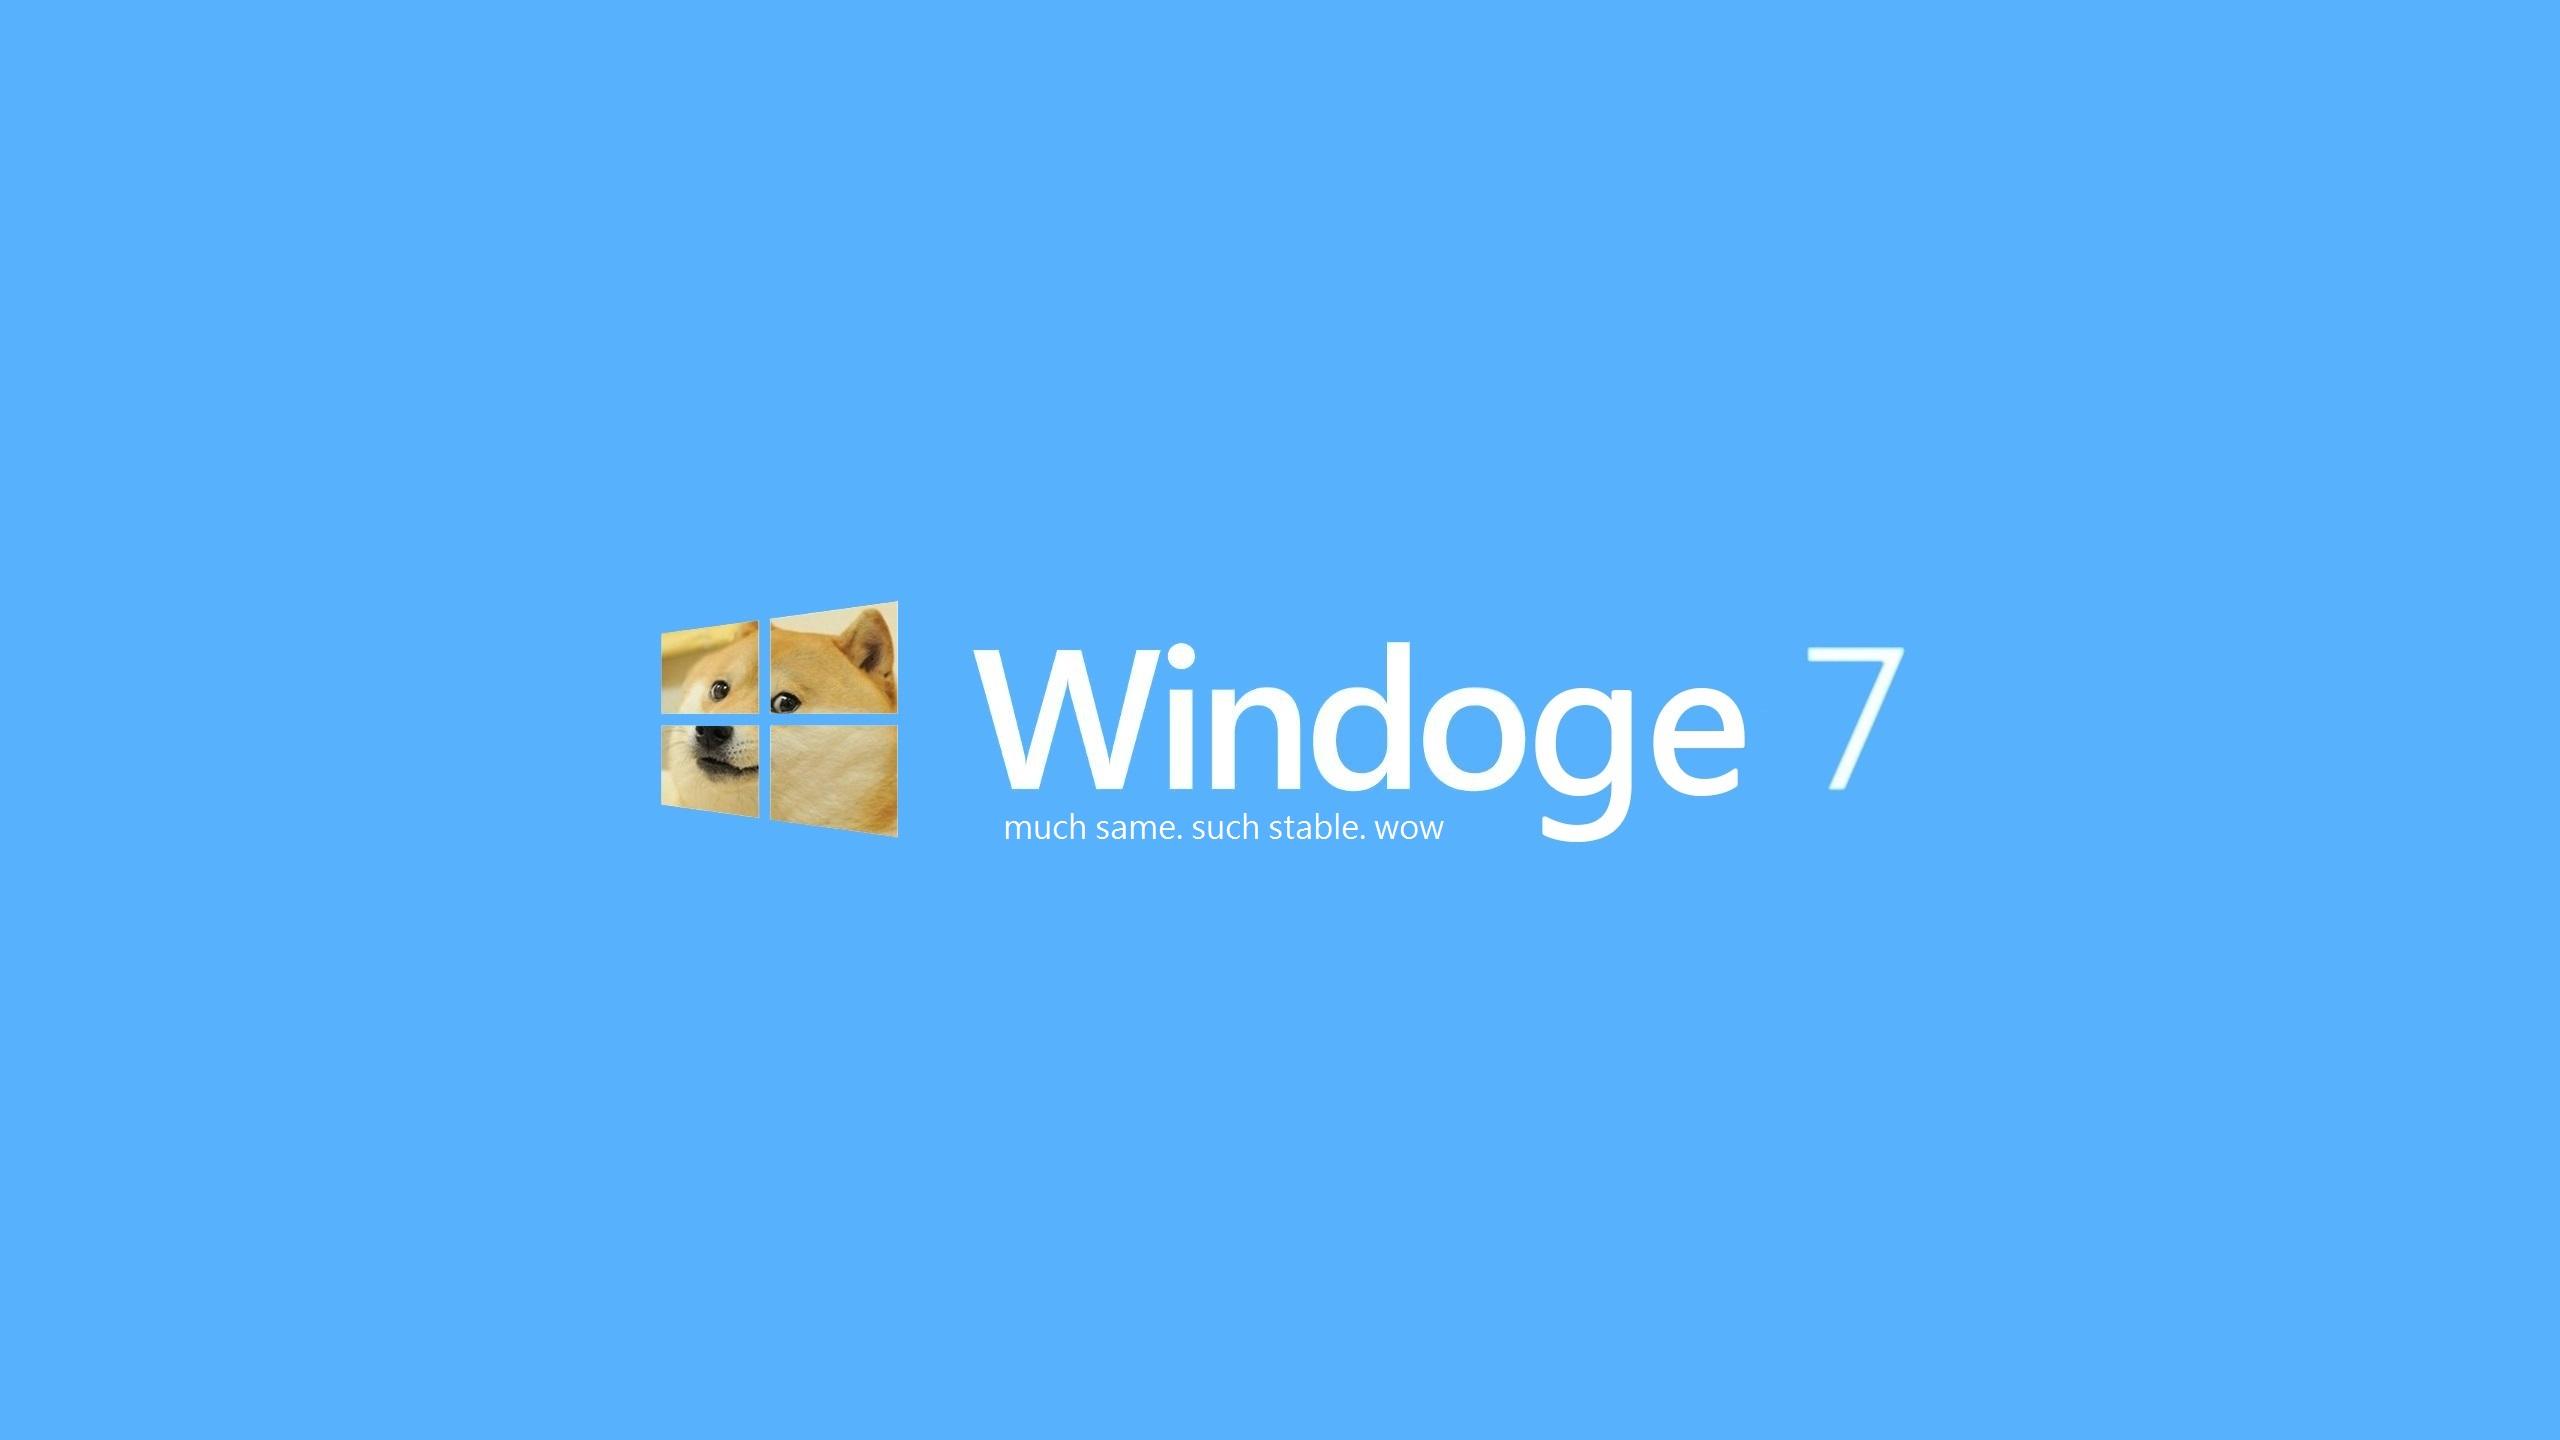 Windoge Wallpaper Wallpaper Windoge 7 HD by